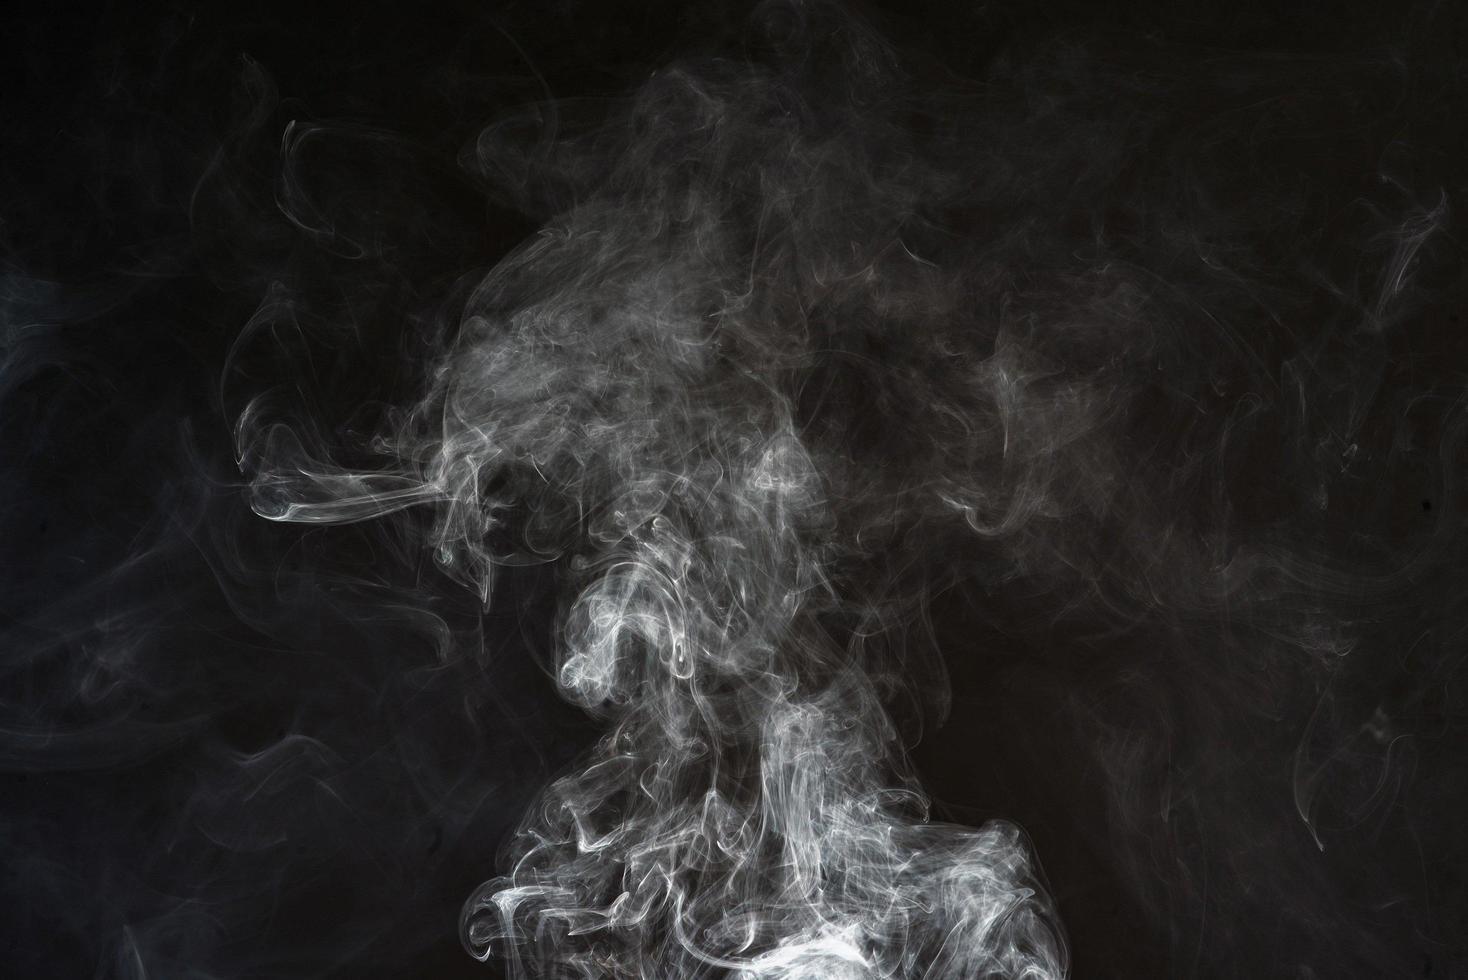 White smoke texture photo